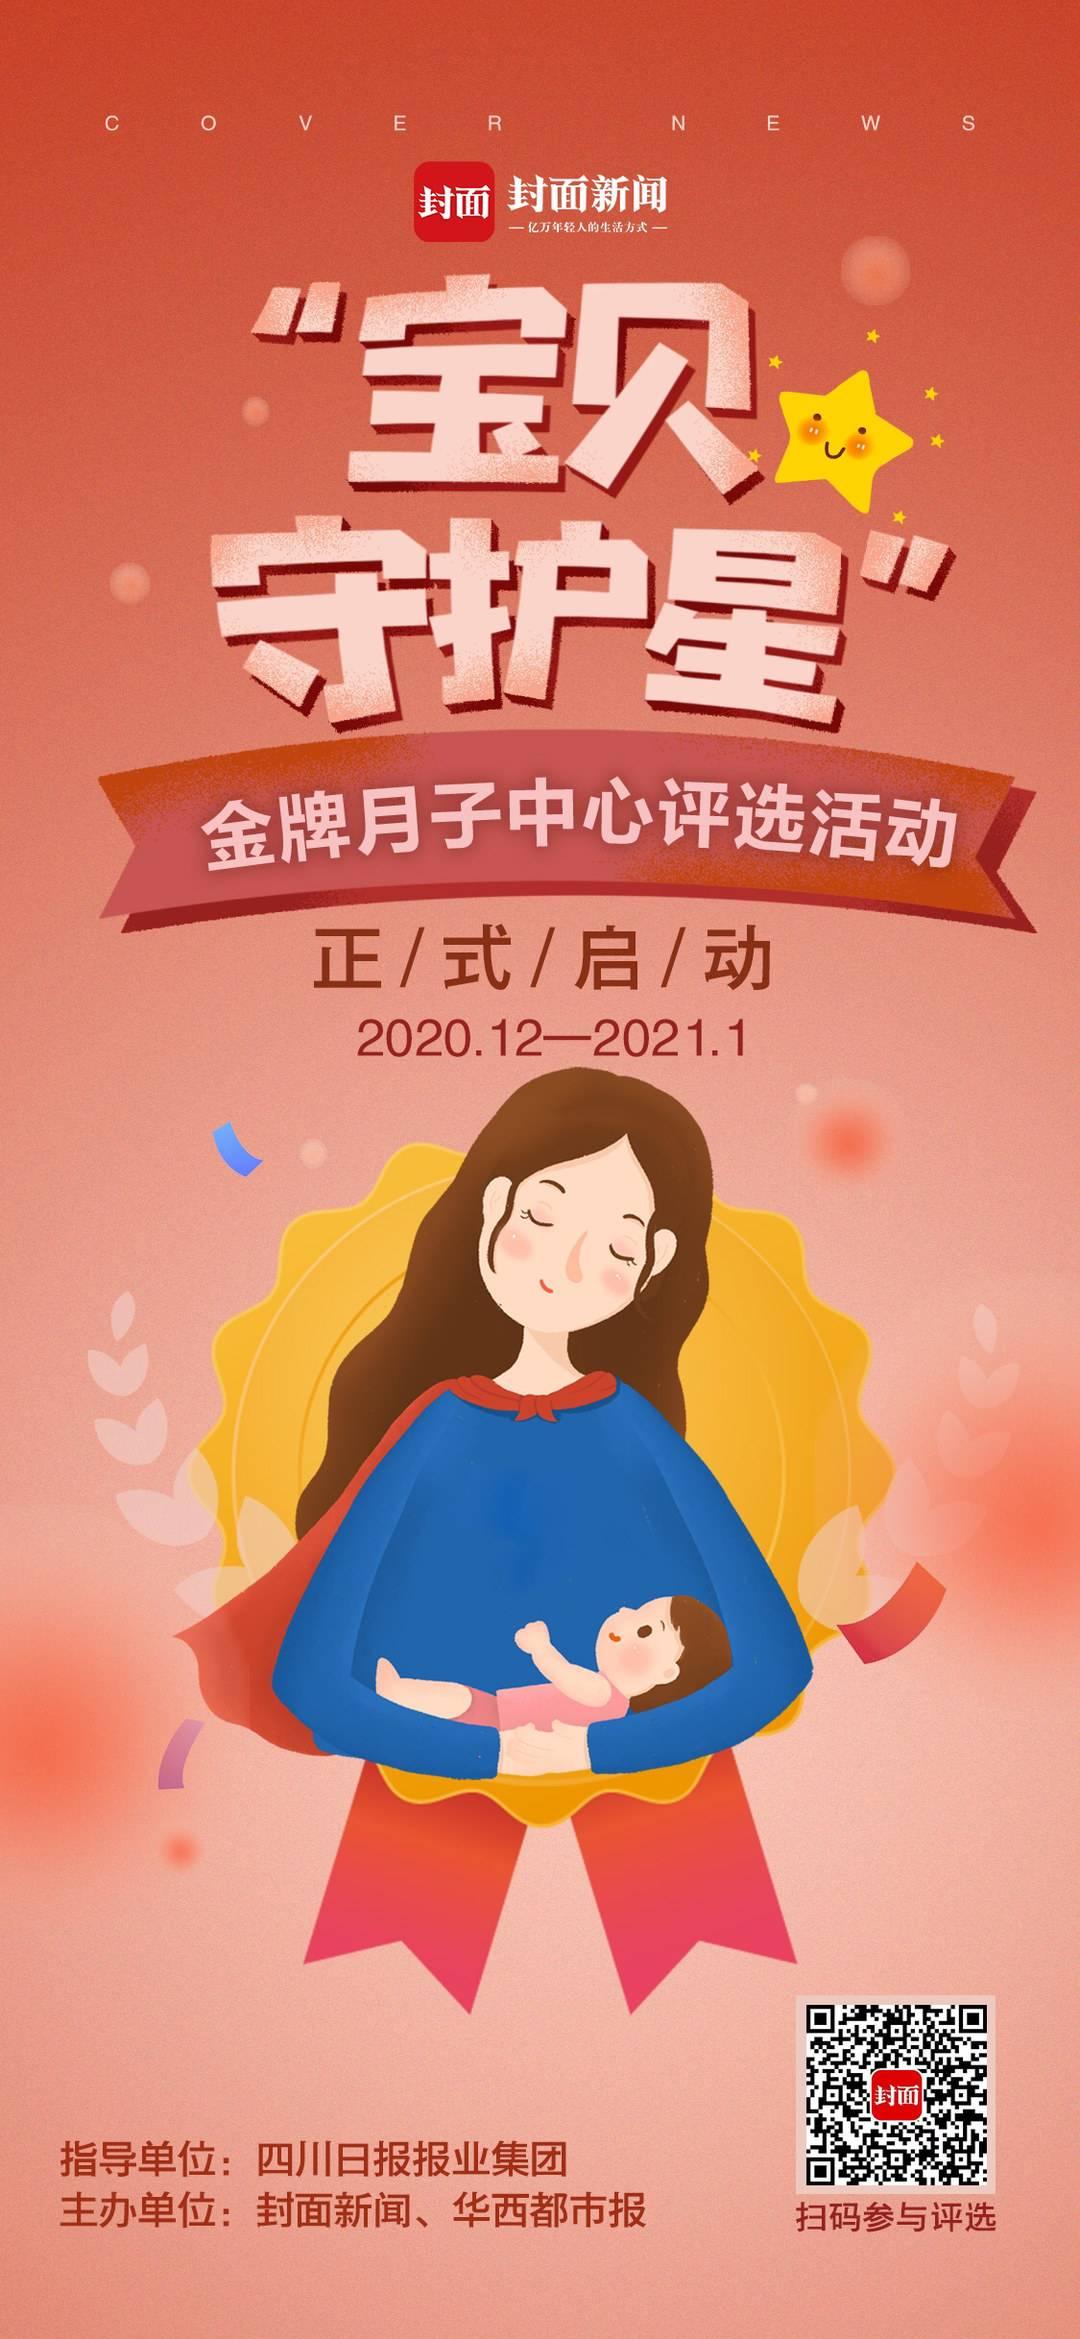 宝贝守护星 | 对于产后护理坐月子 中医的这些办法值得看一看!